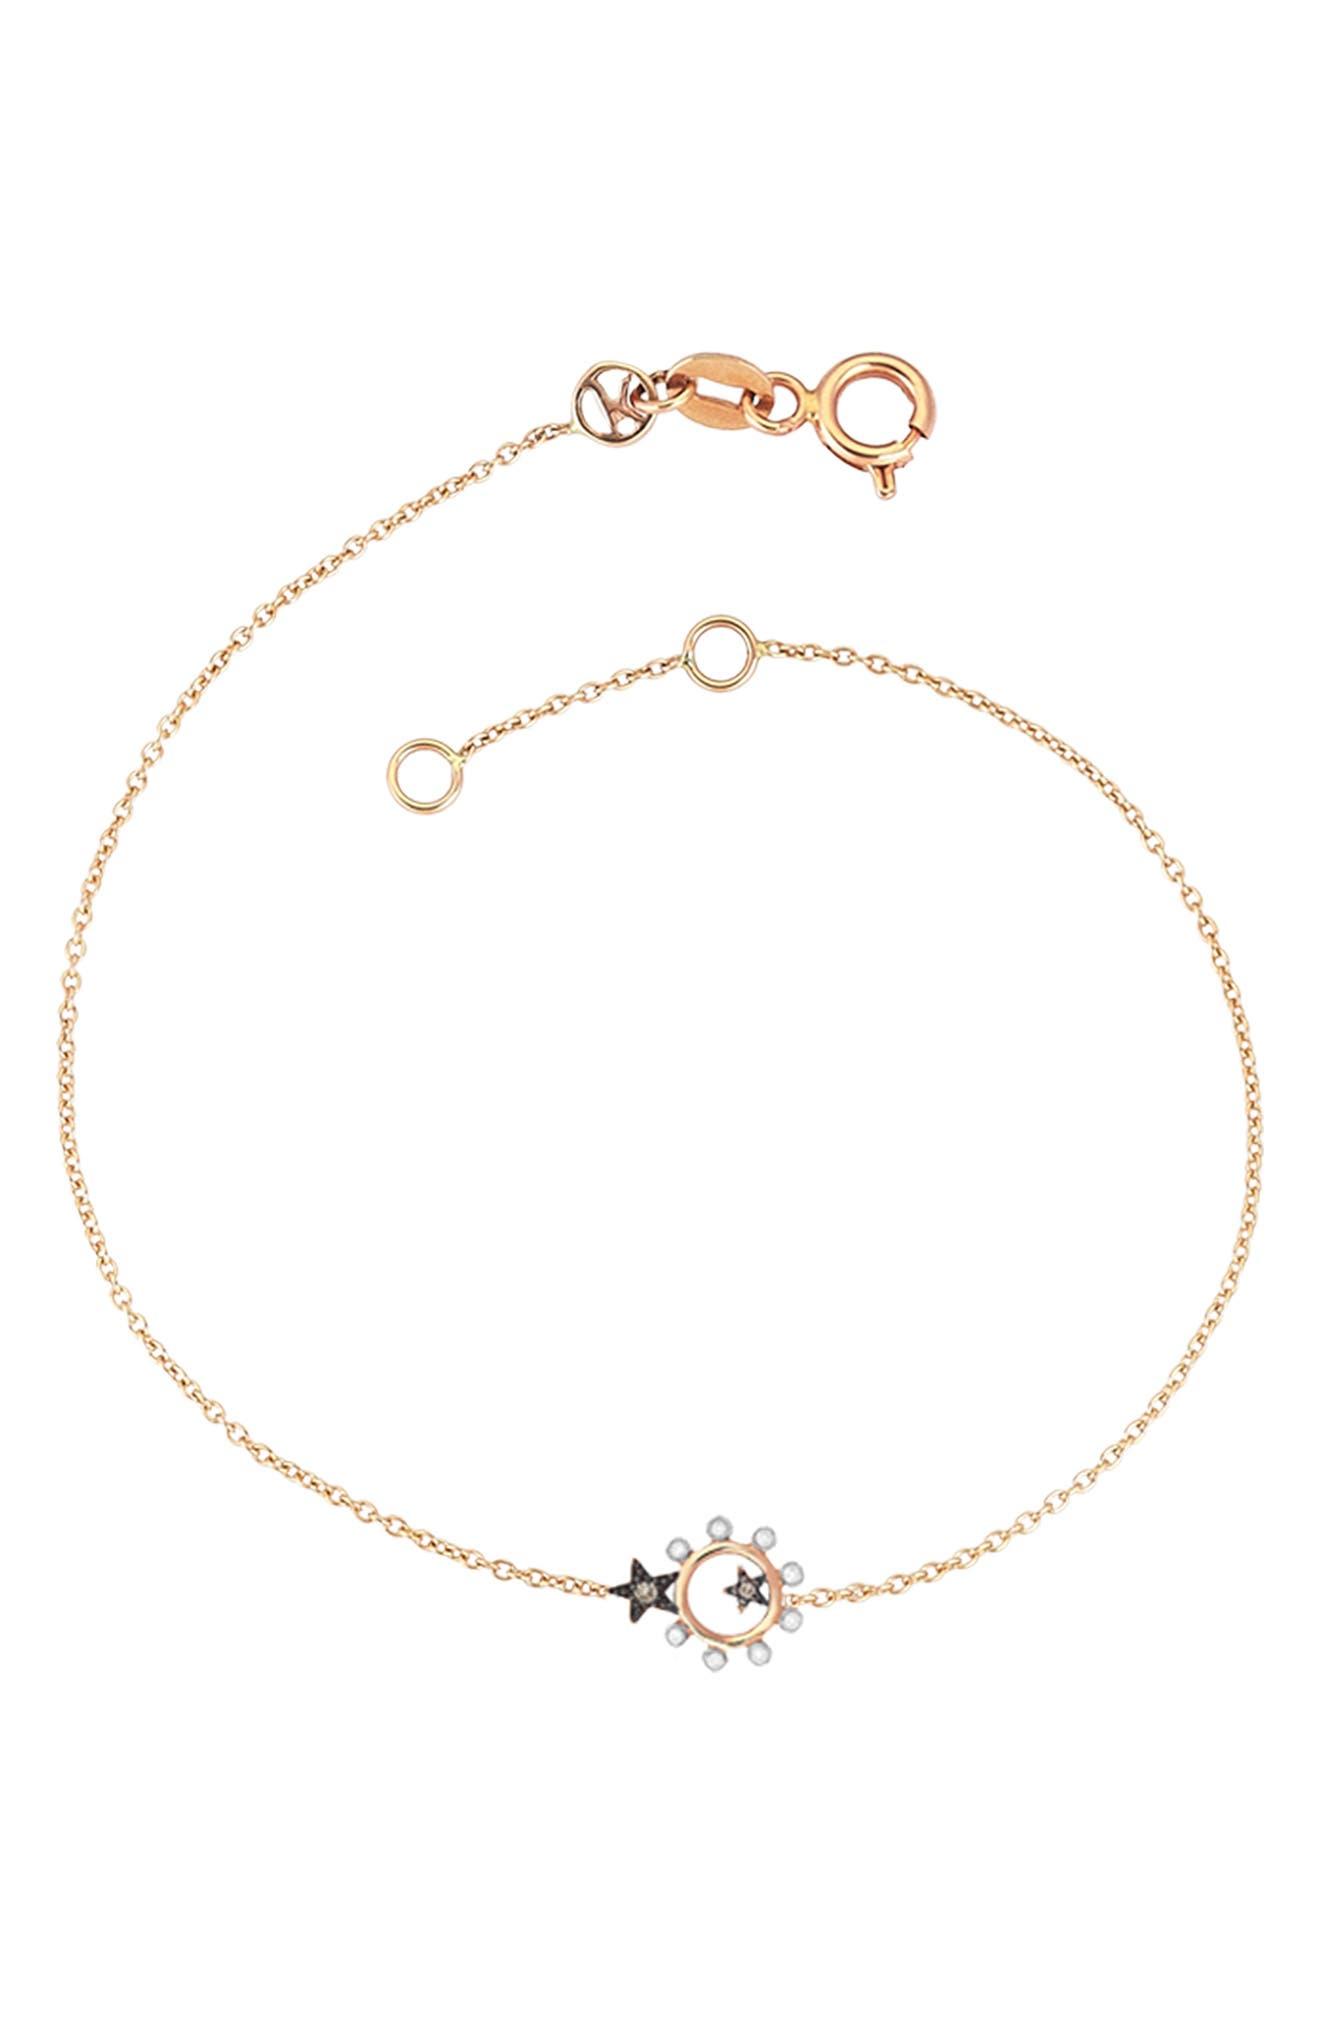 KISMET BY MILKA Eclectic Star Bracelet, Main, color, ROSE GOLD